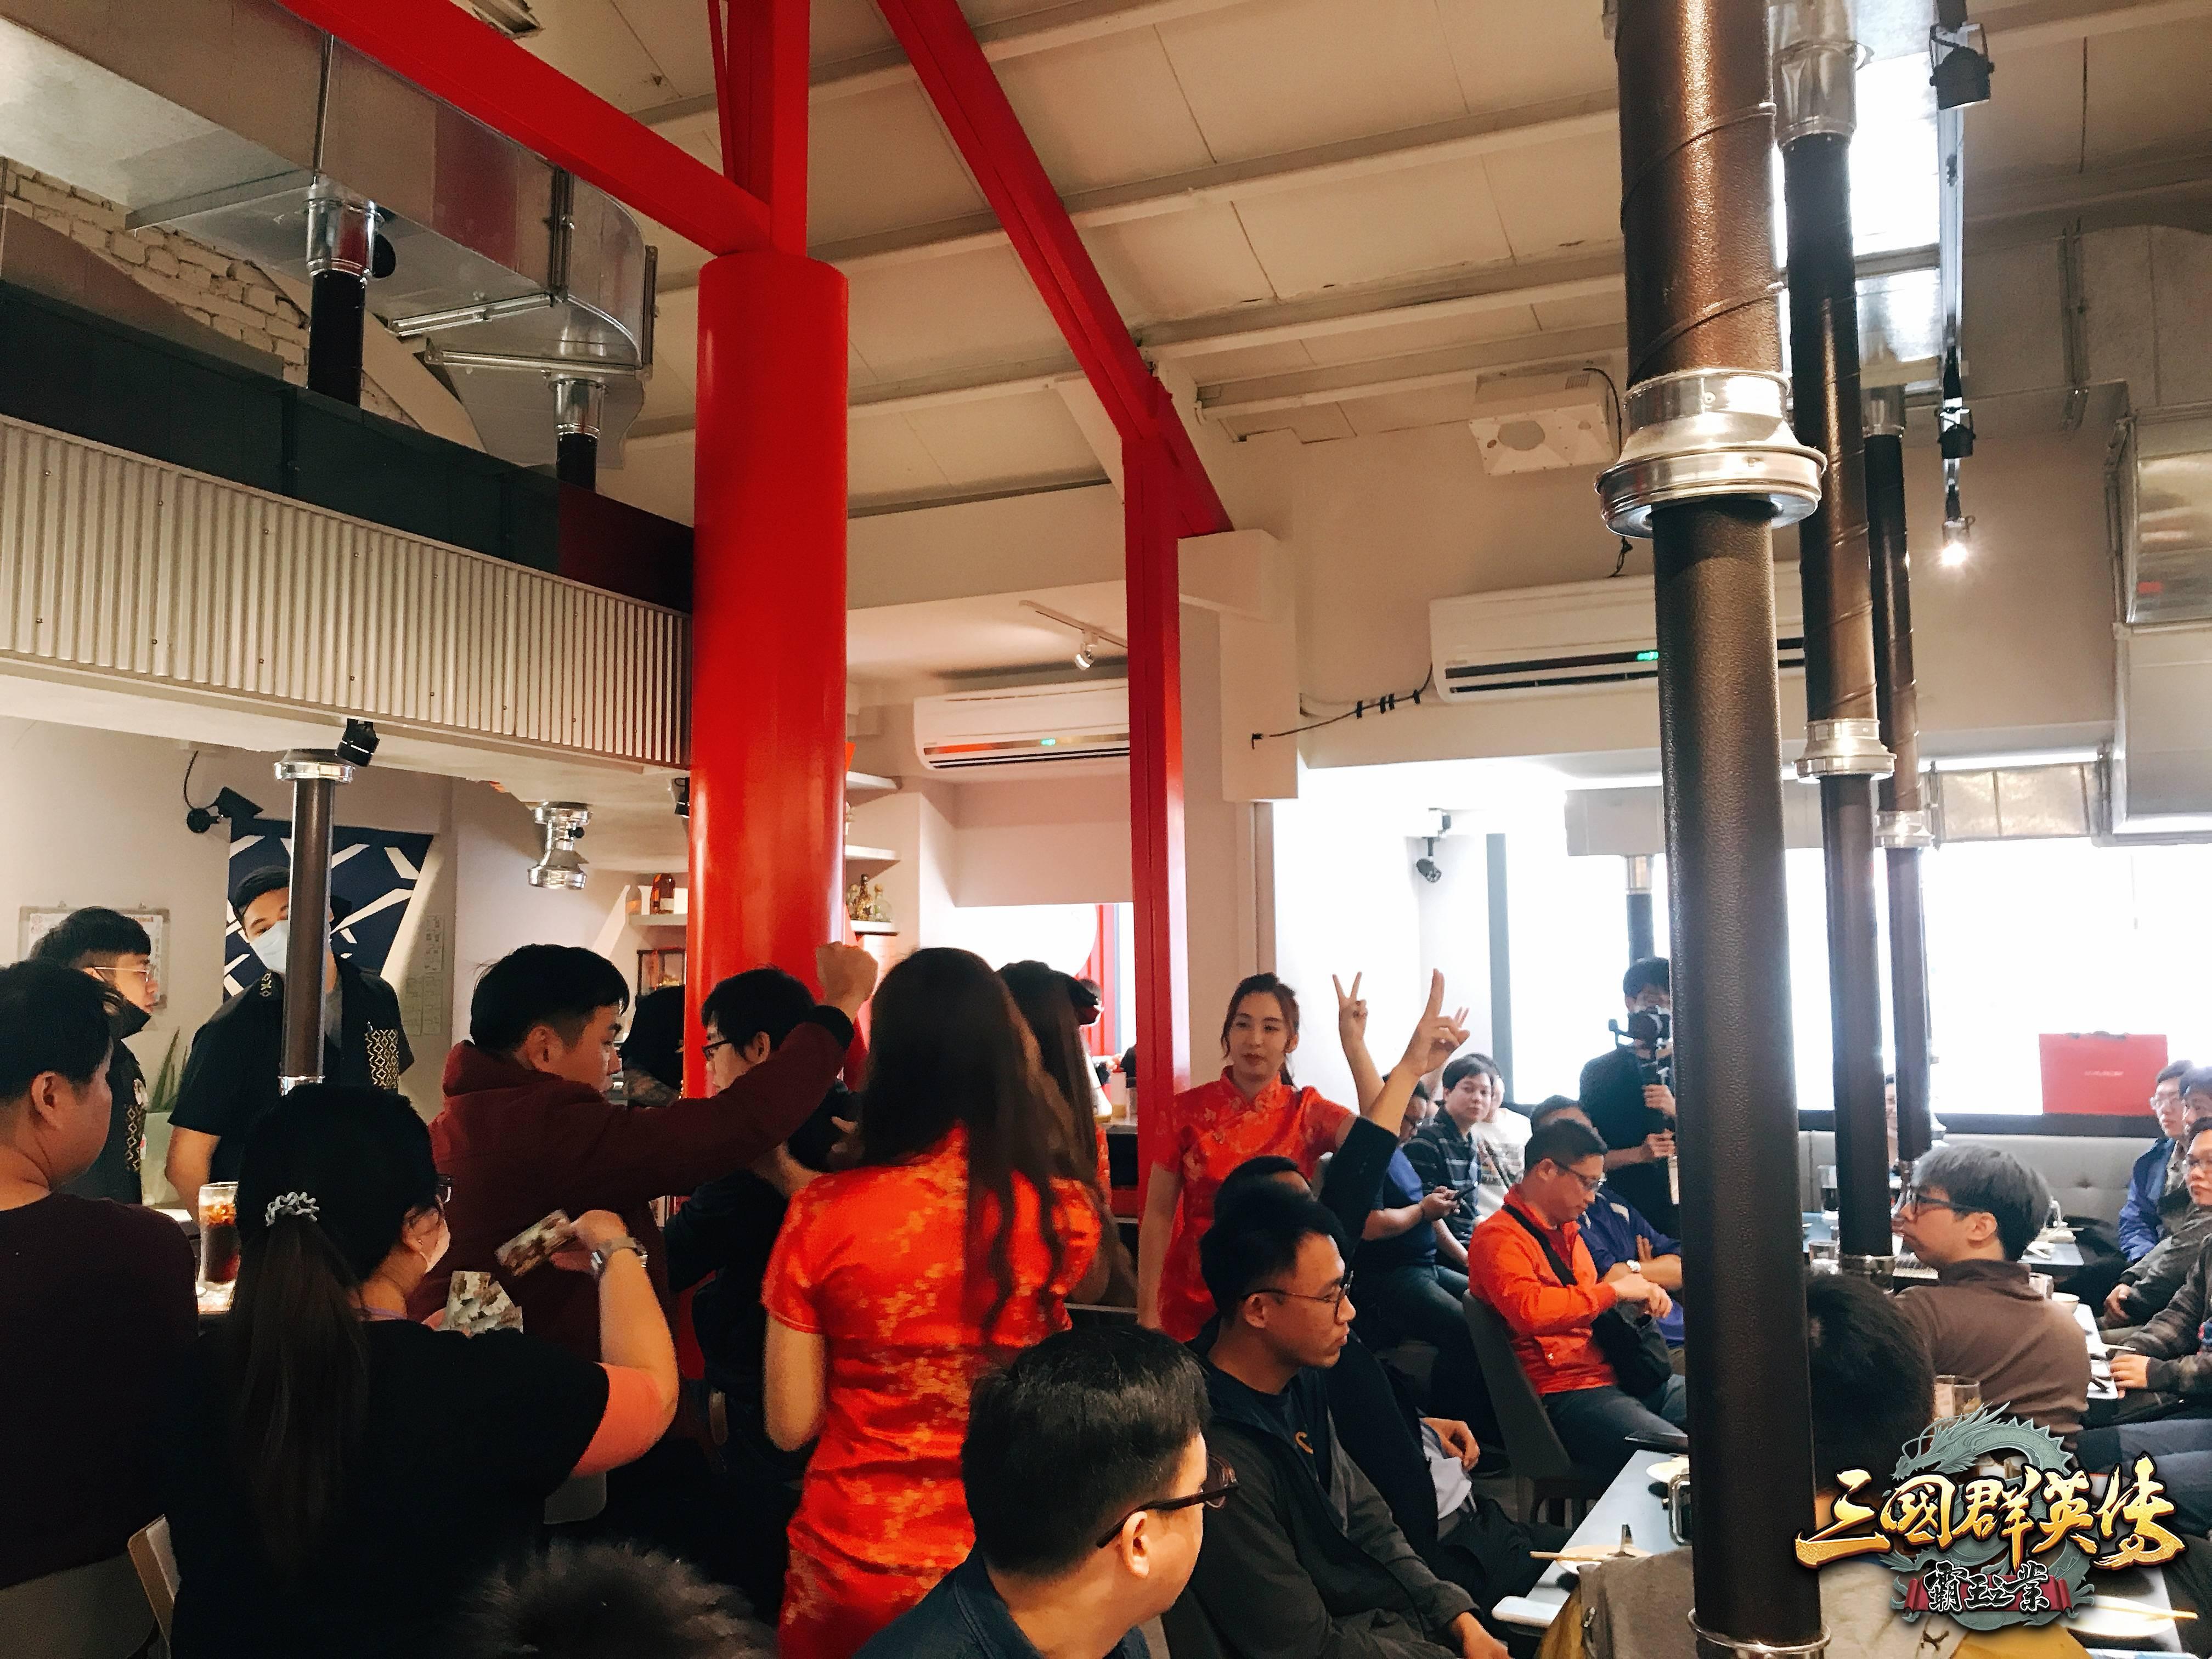 《三國群英傳-霸王之業》三週年玩家見面會圓滿落幕 台北、台中活動現場回顧大公開